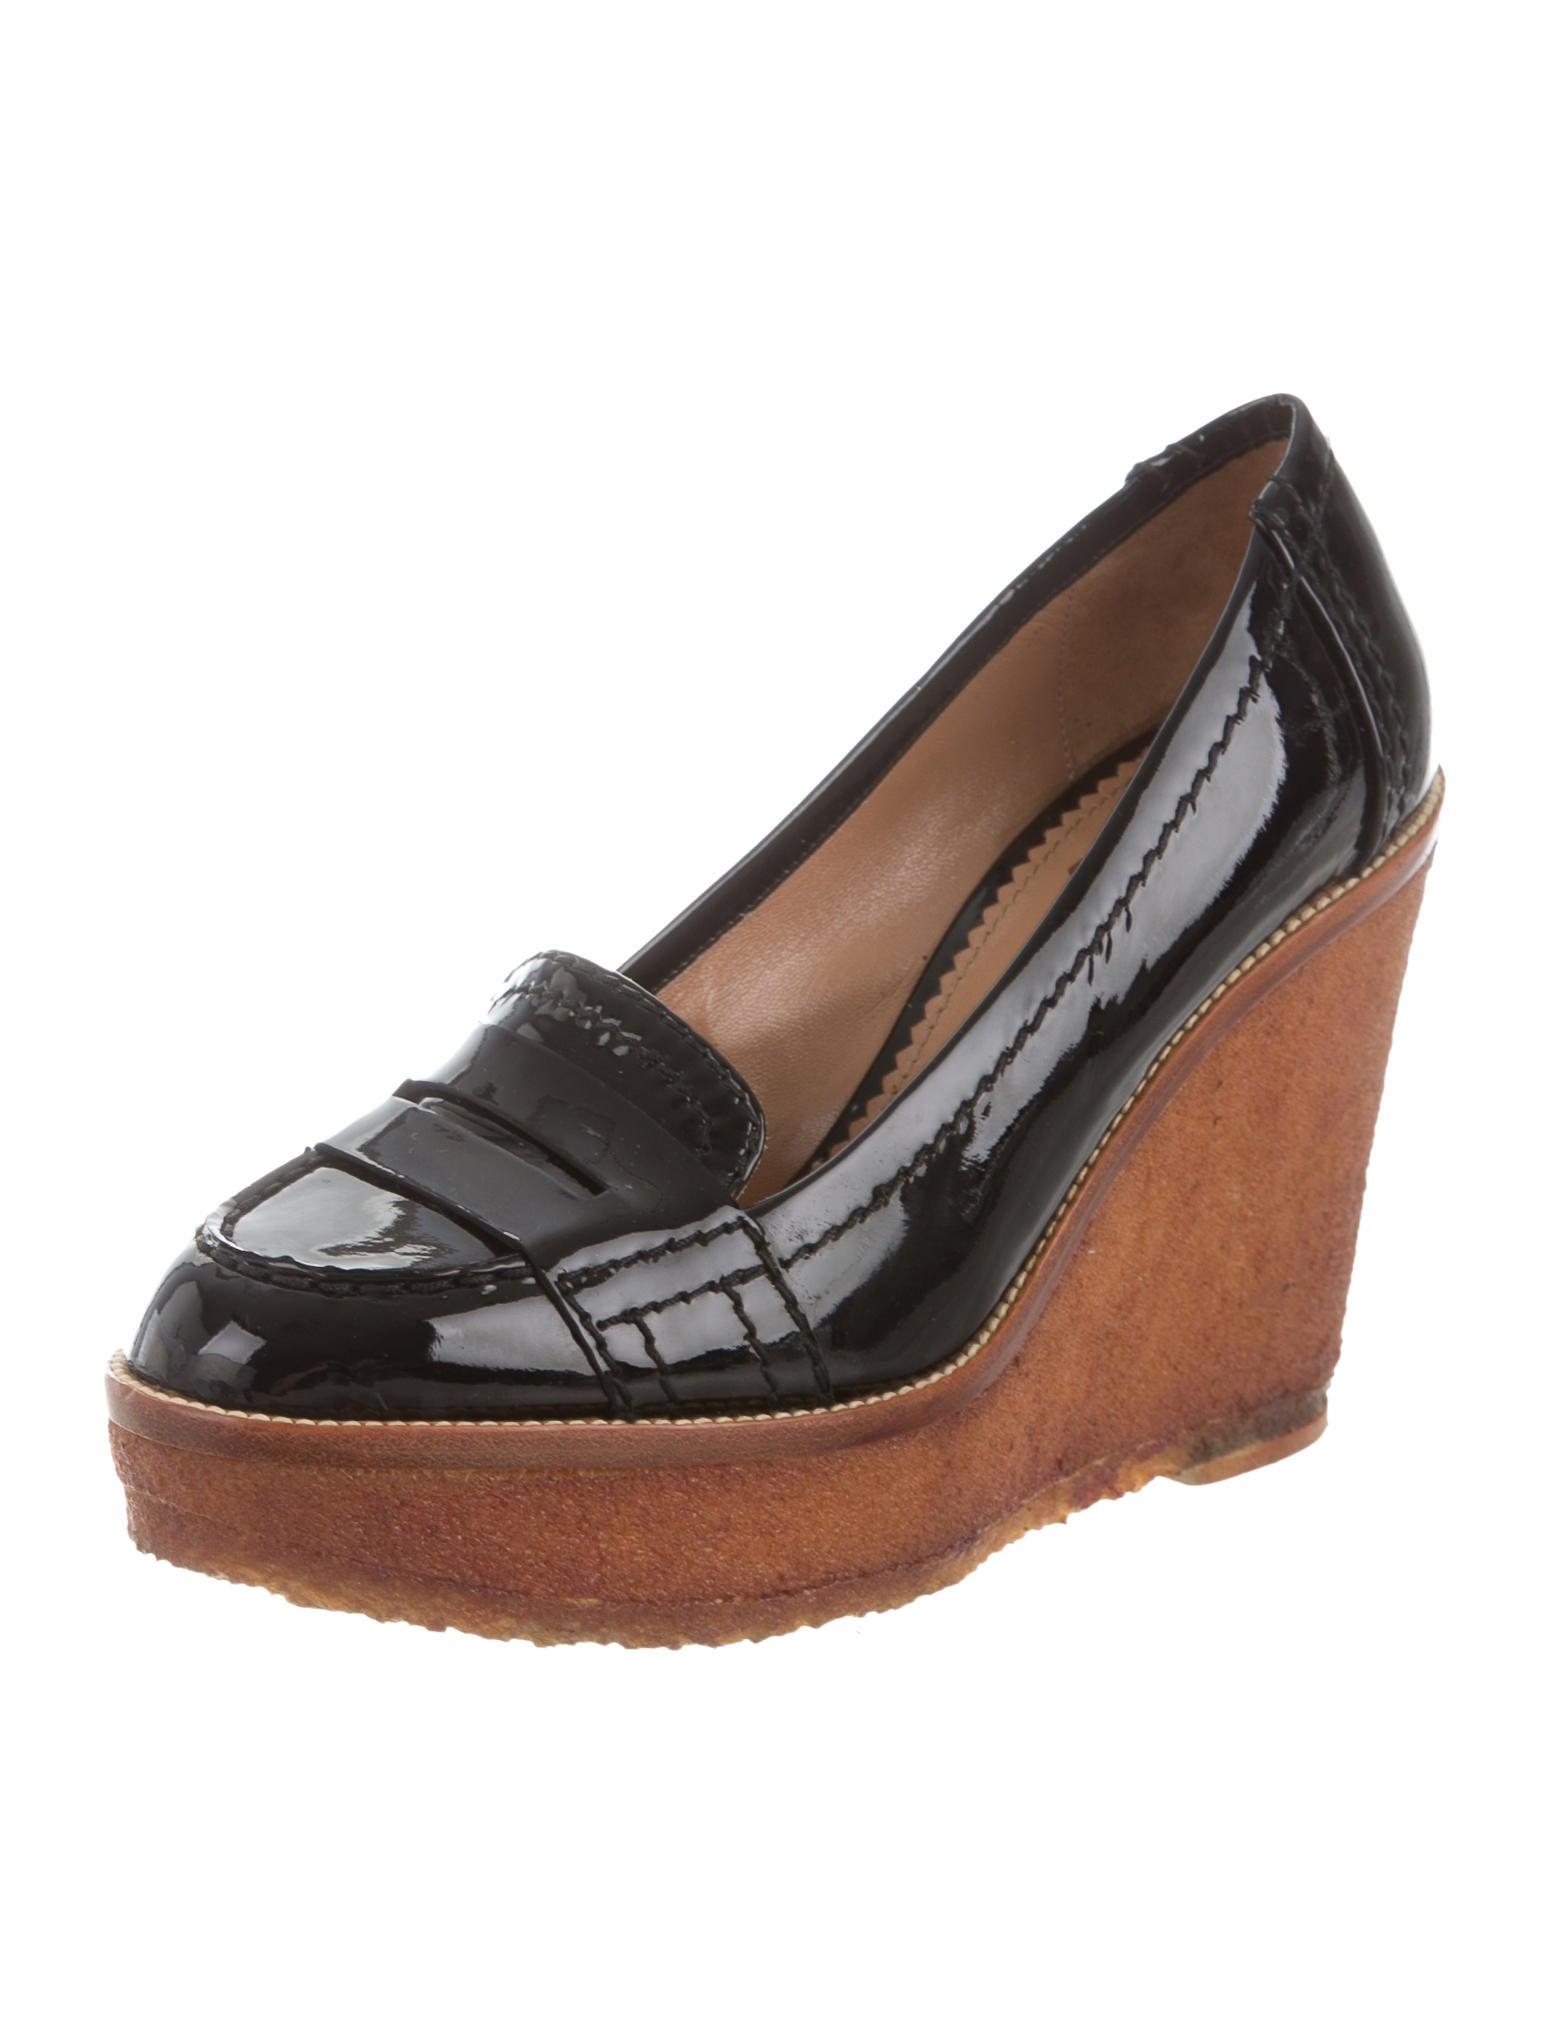 yves laurent loafer platform wedges shoes